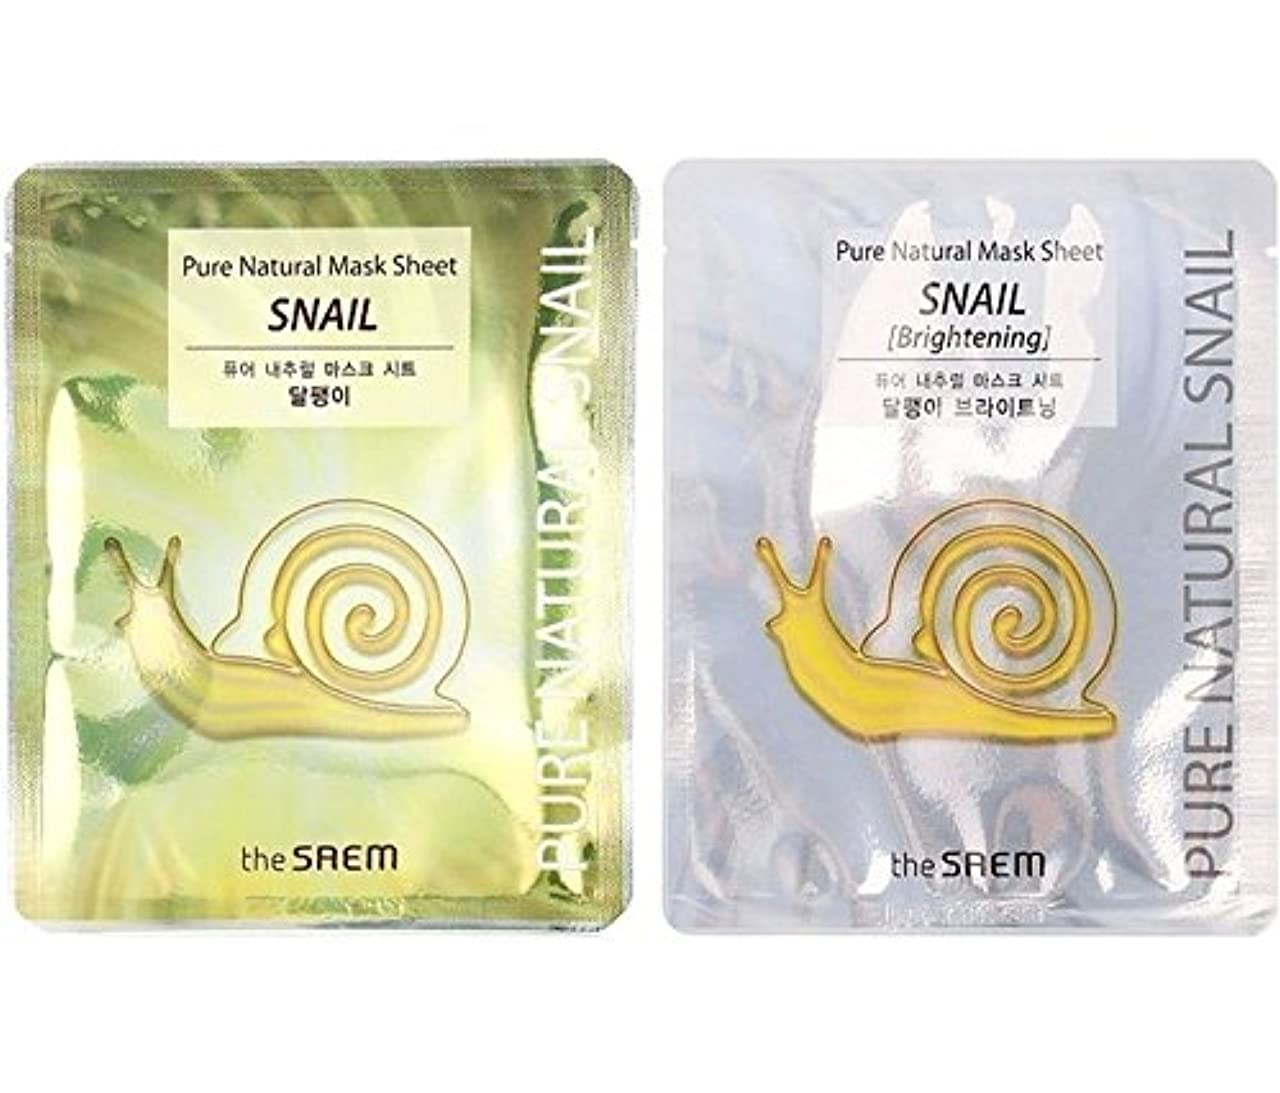 市の花正当化するさせる(ザセム) The Saem 韓国マスクパックカタツムリ20枚セット(10+10) ピュアナチュラルマスクシートスネイルブライトニング Pure Natural Mask Sheet Snail Brightening...